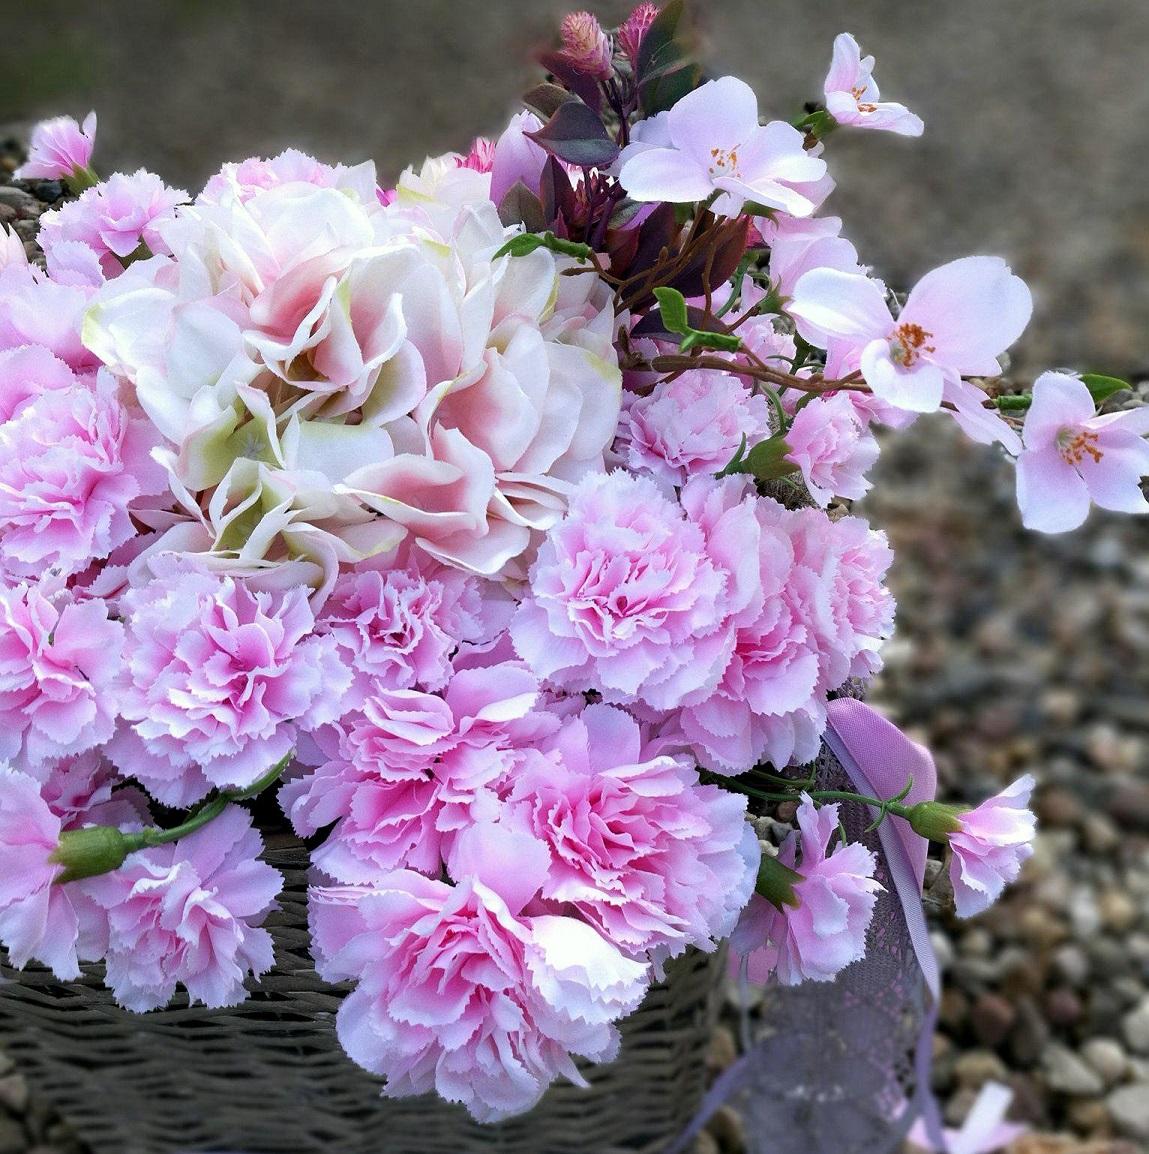 kosz z różowymi kwiatami